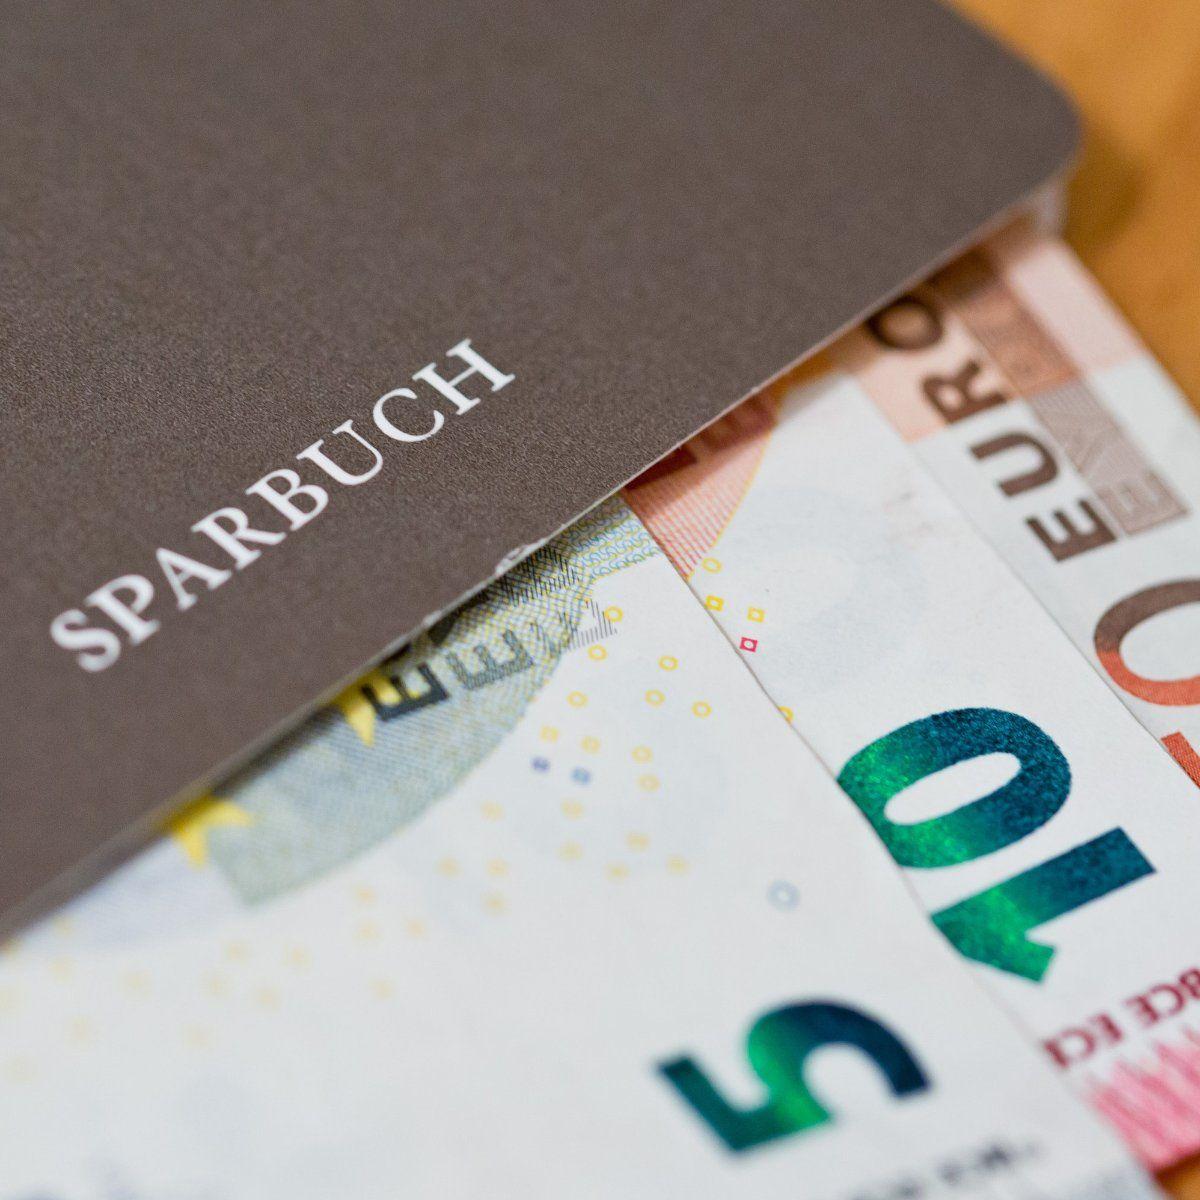 Kein Normaler Sparer Muss In Deutschland Negativzinsen Zahlen Wenn Eine Bank Ihr Geld Nicht Will Bringen Sie Es Einfach Dorthin Wo Es Noch Rendite Gibt Gut Z